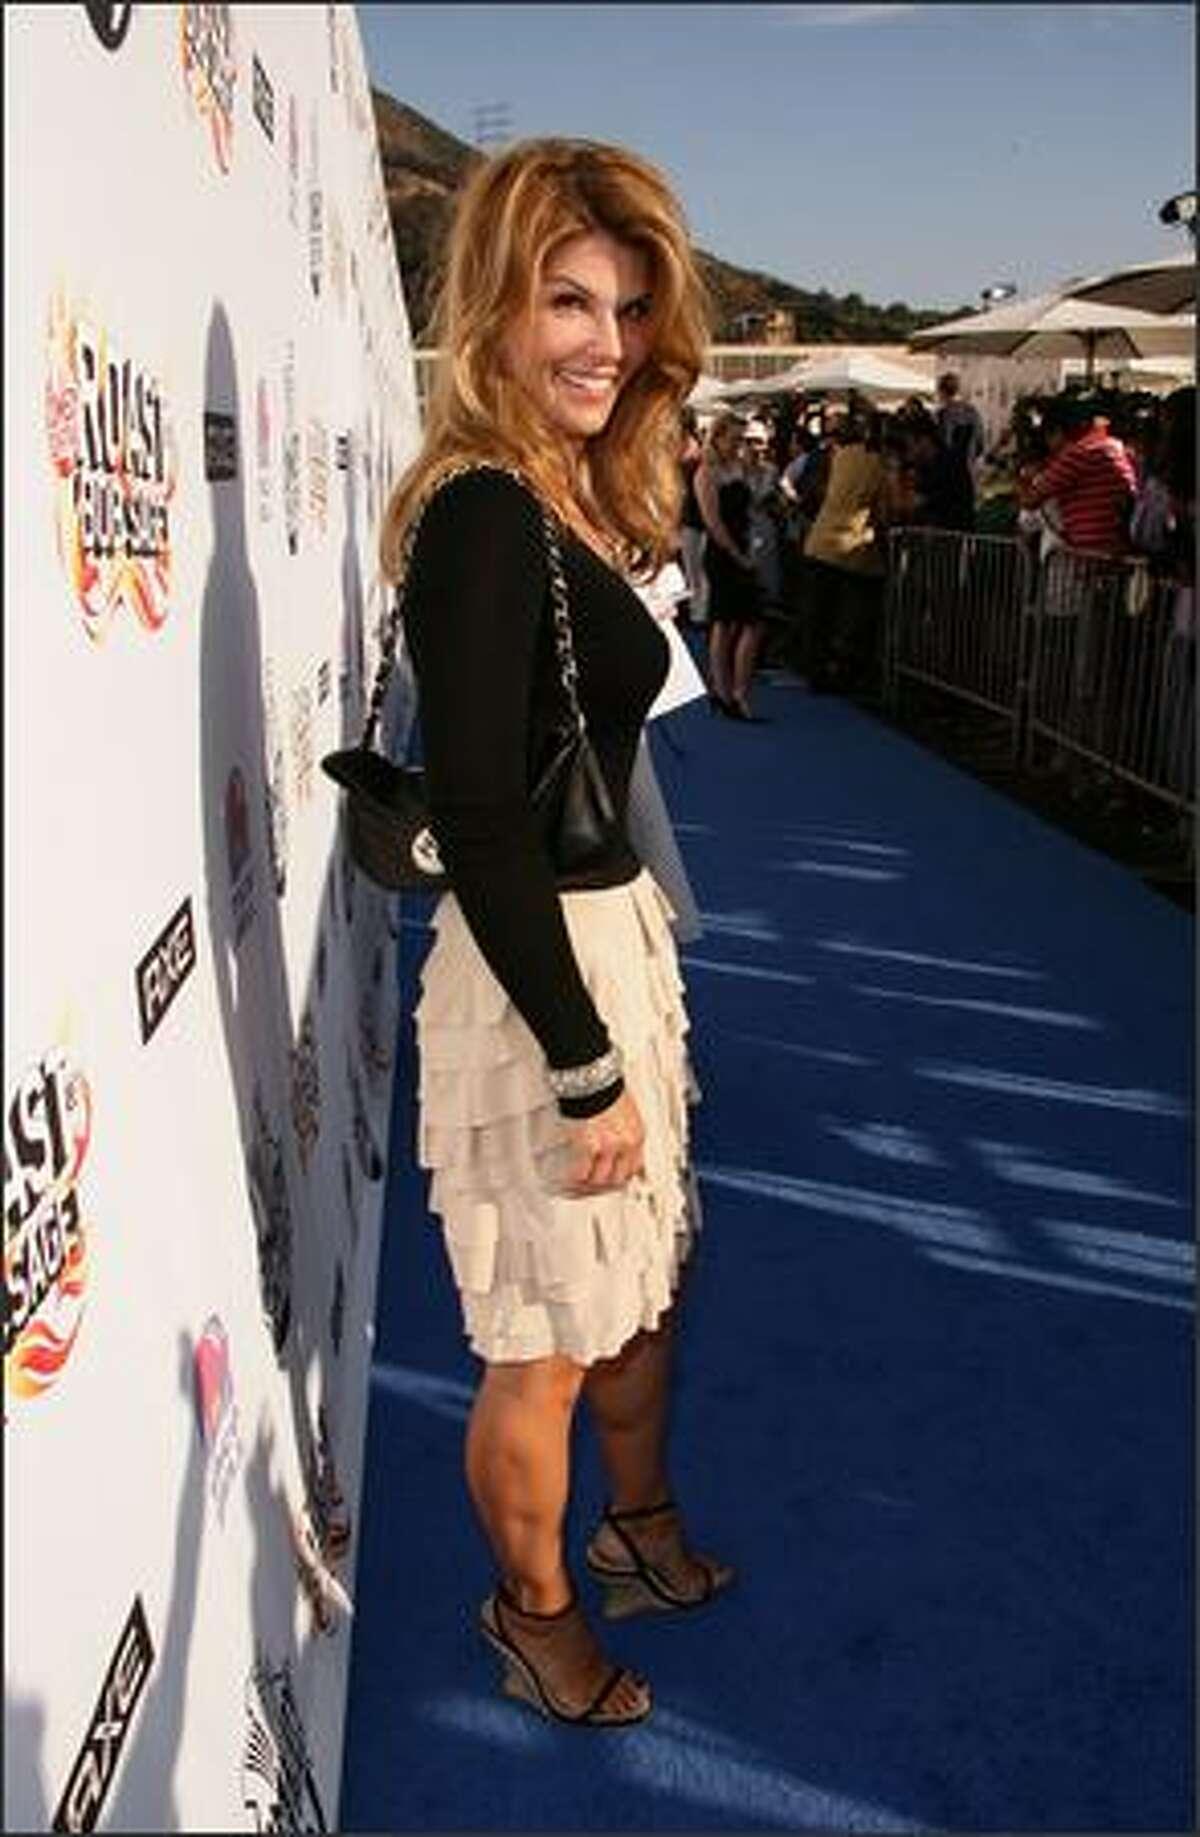 Actress Lori Loughlin arrives to